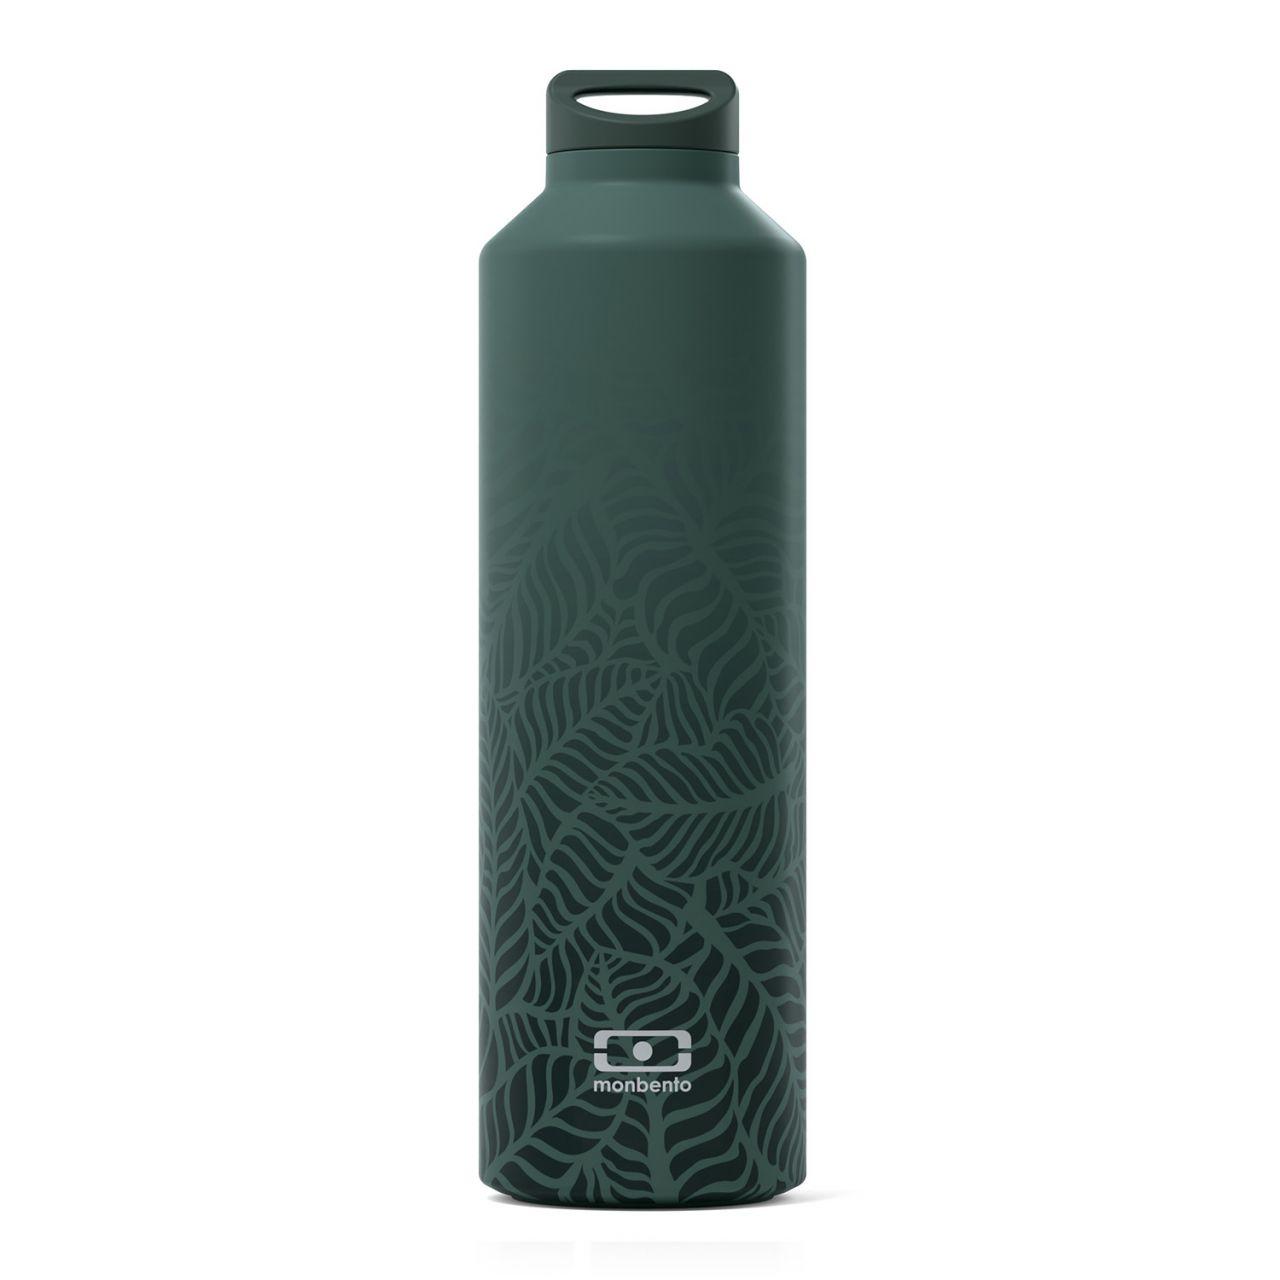 Monbento - Steel Thermosflasche inkl.Siebeinsatz 0,5 L 401101430_STD